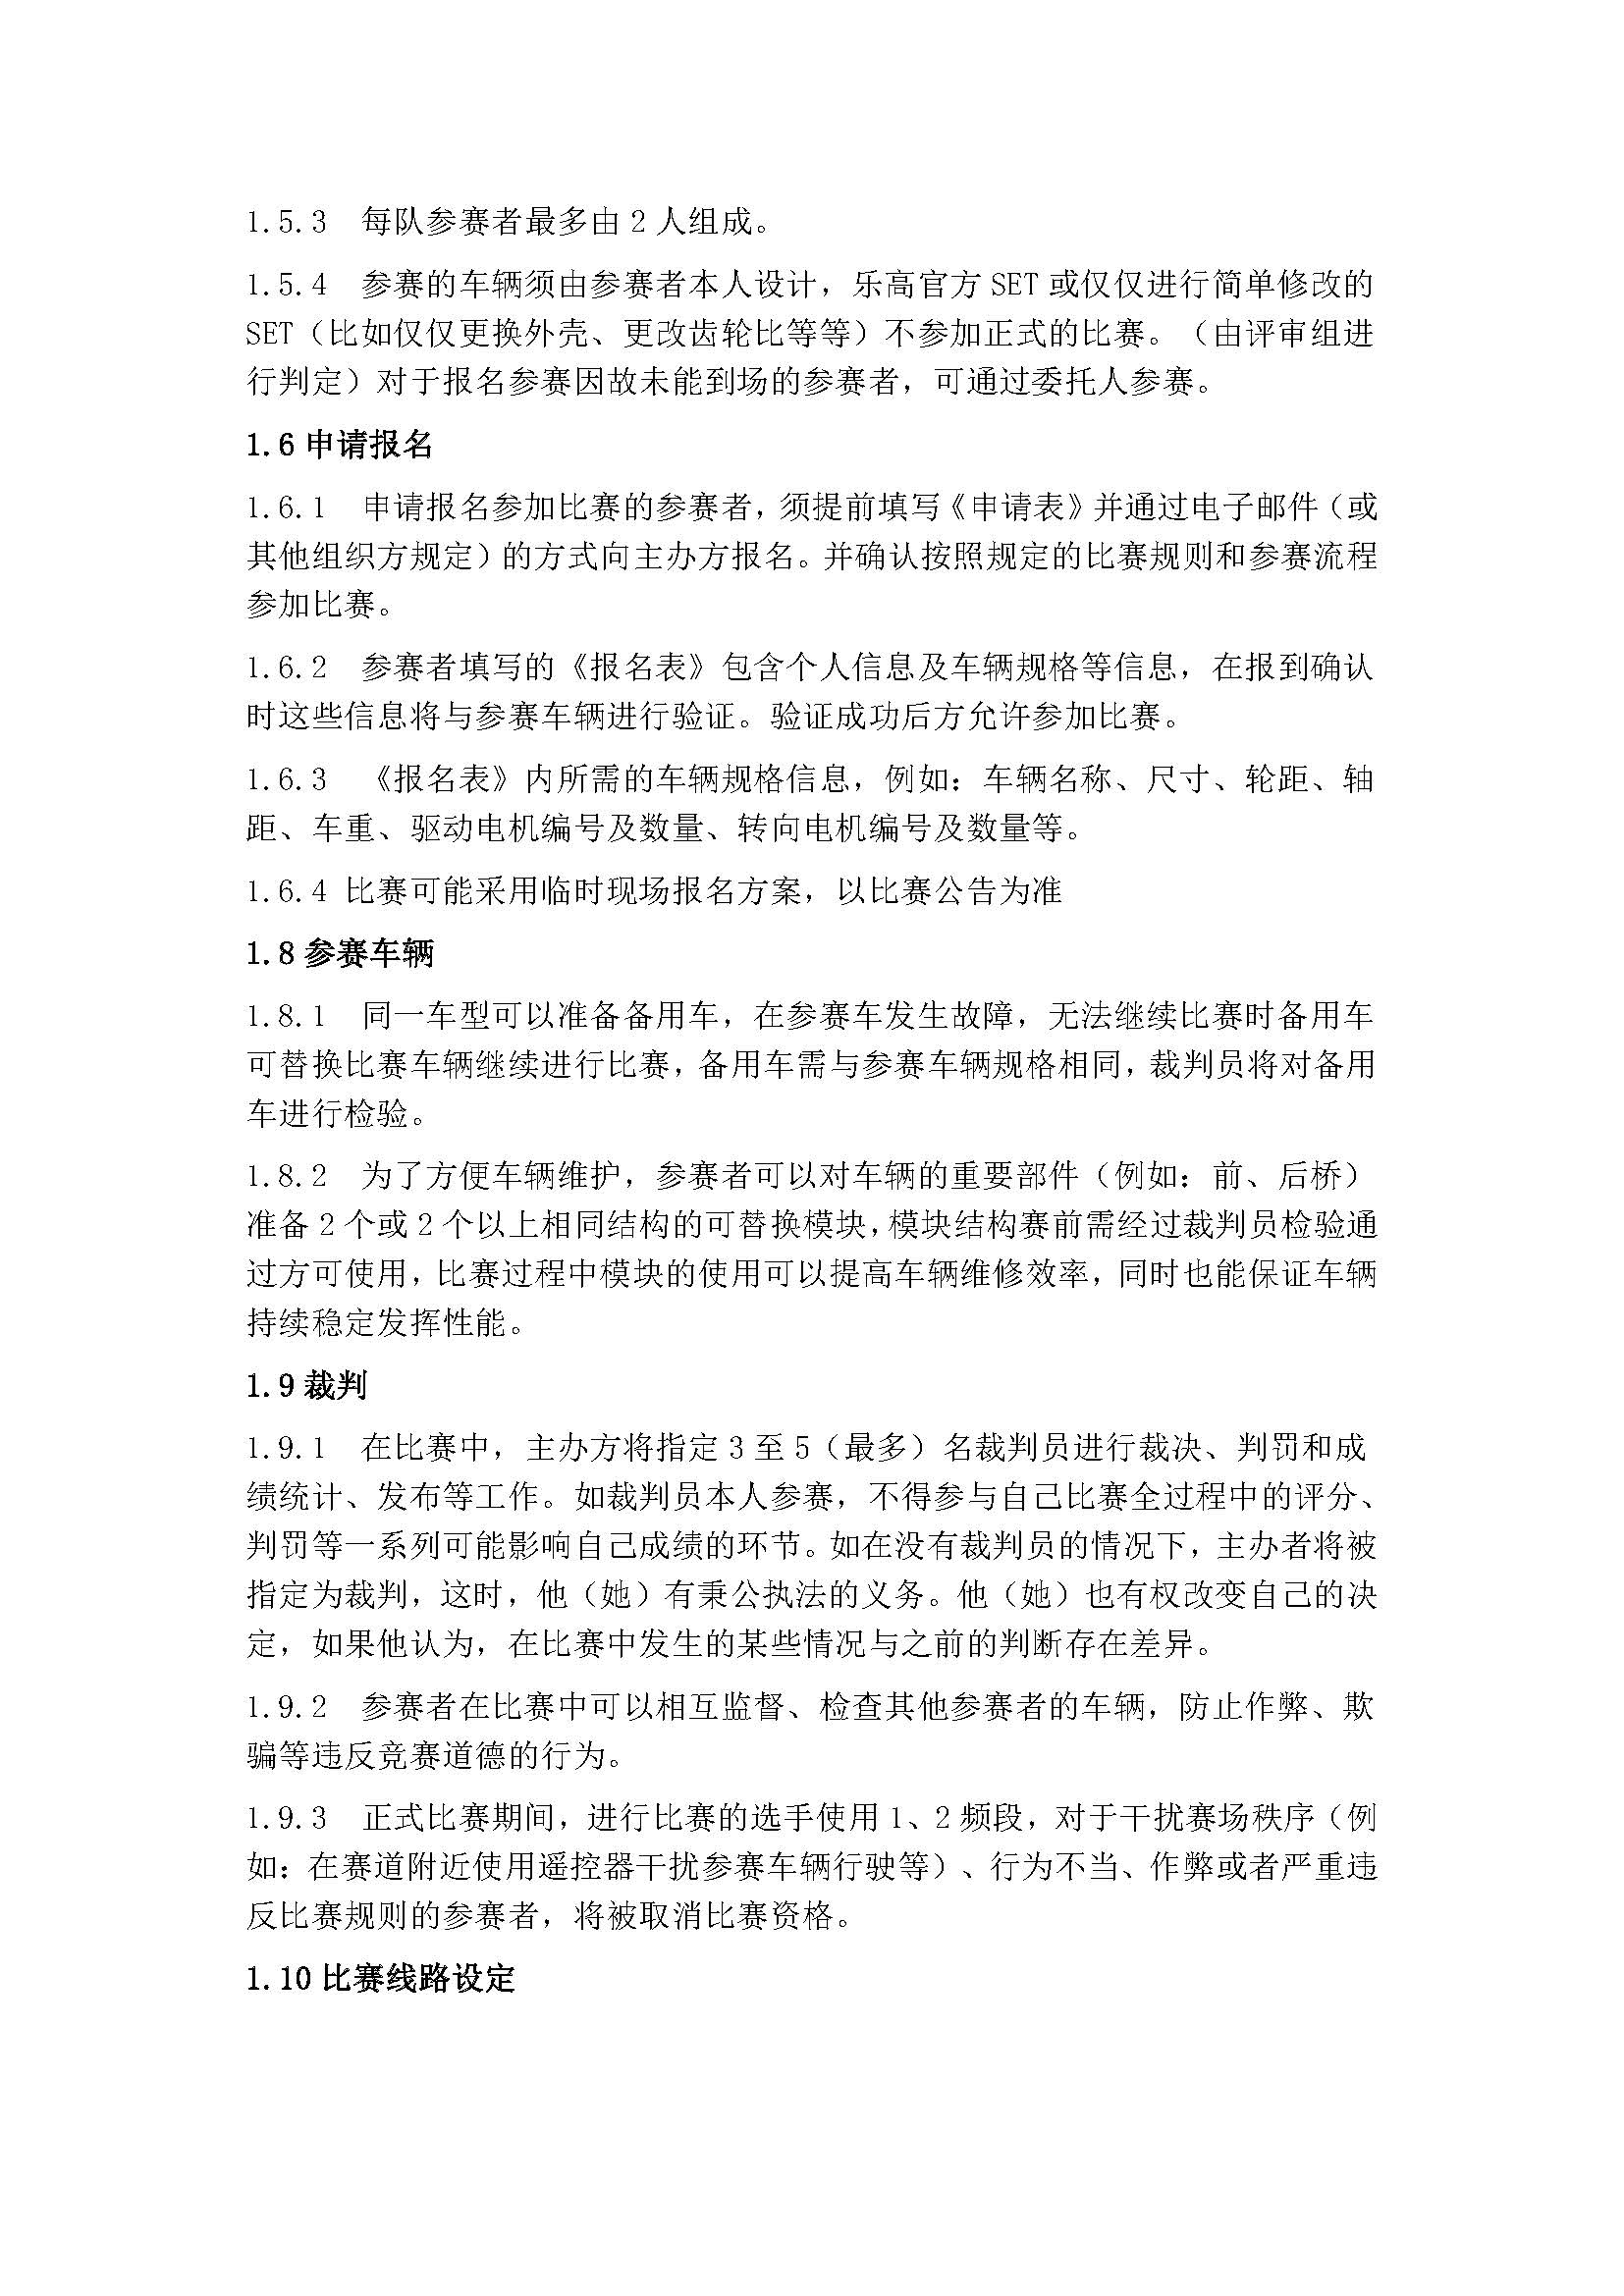 乐高越野车比赛规则_V8_页面_05